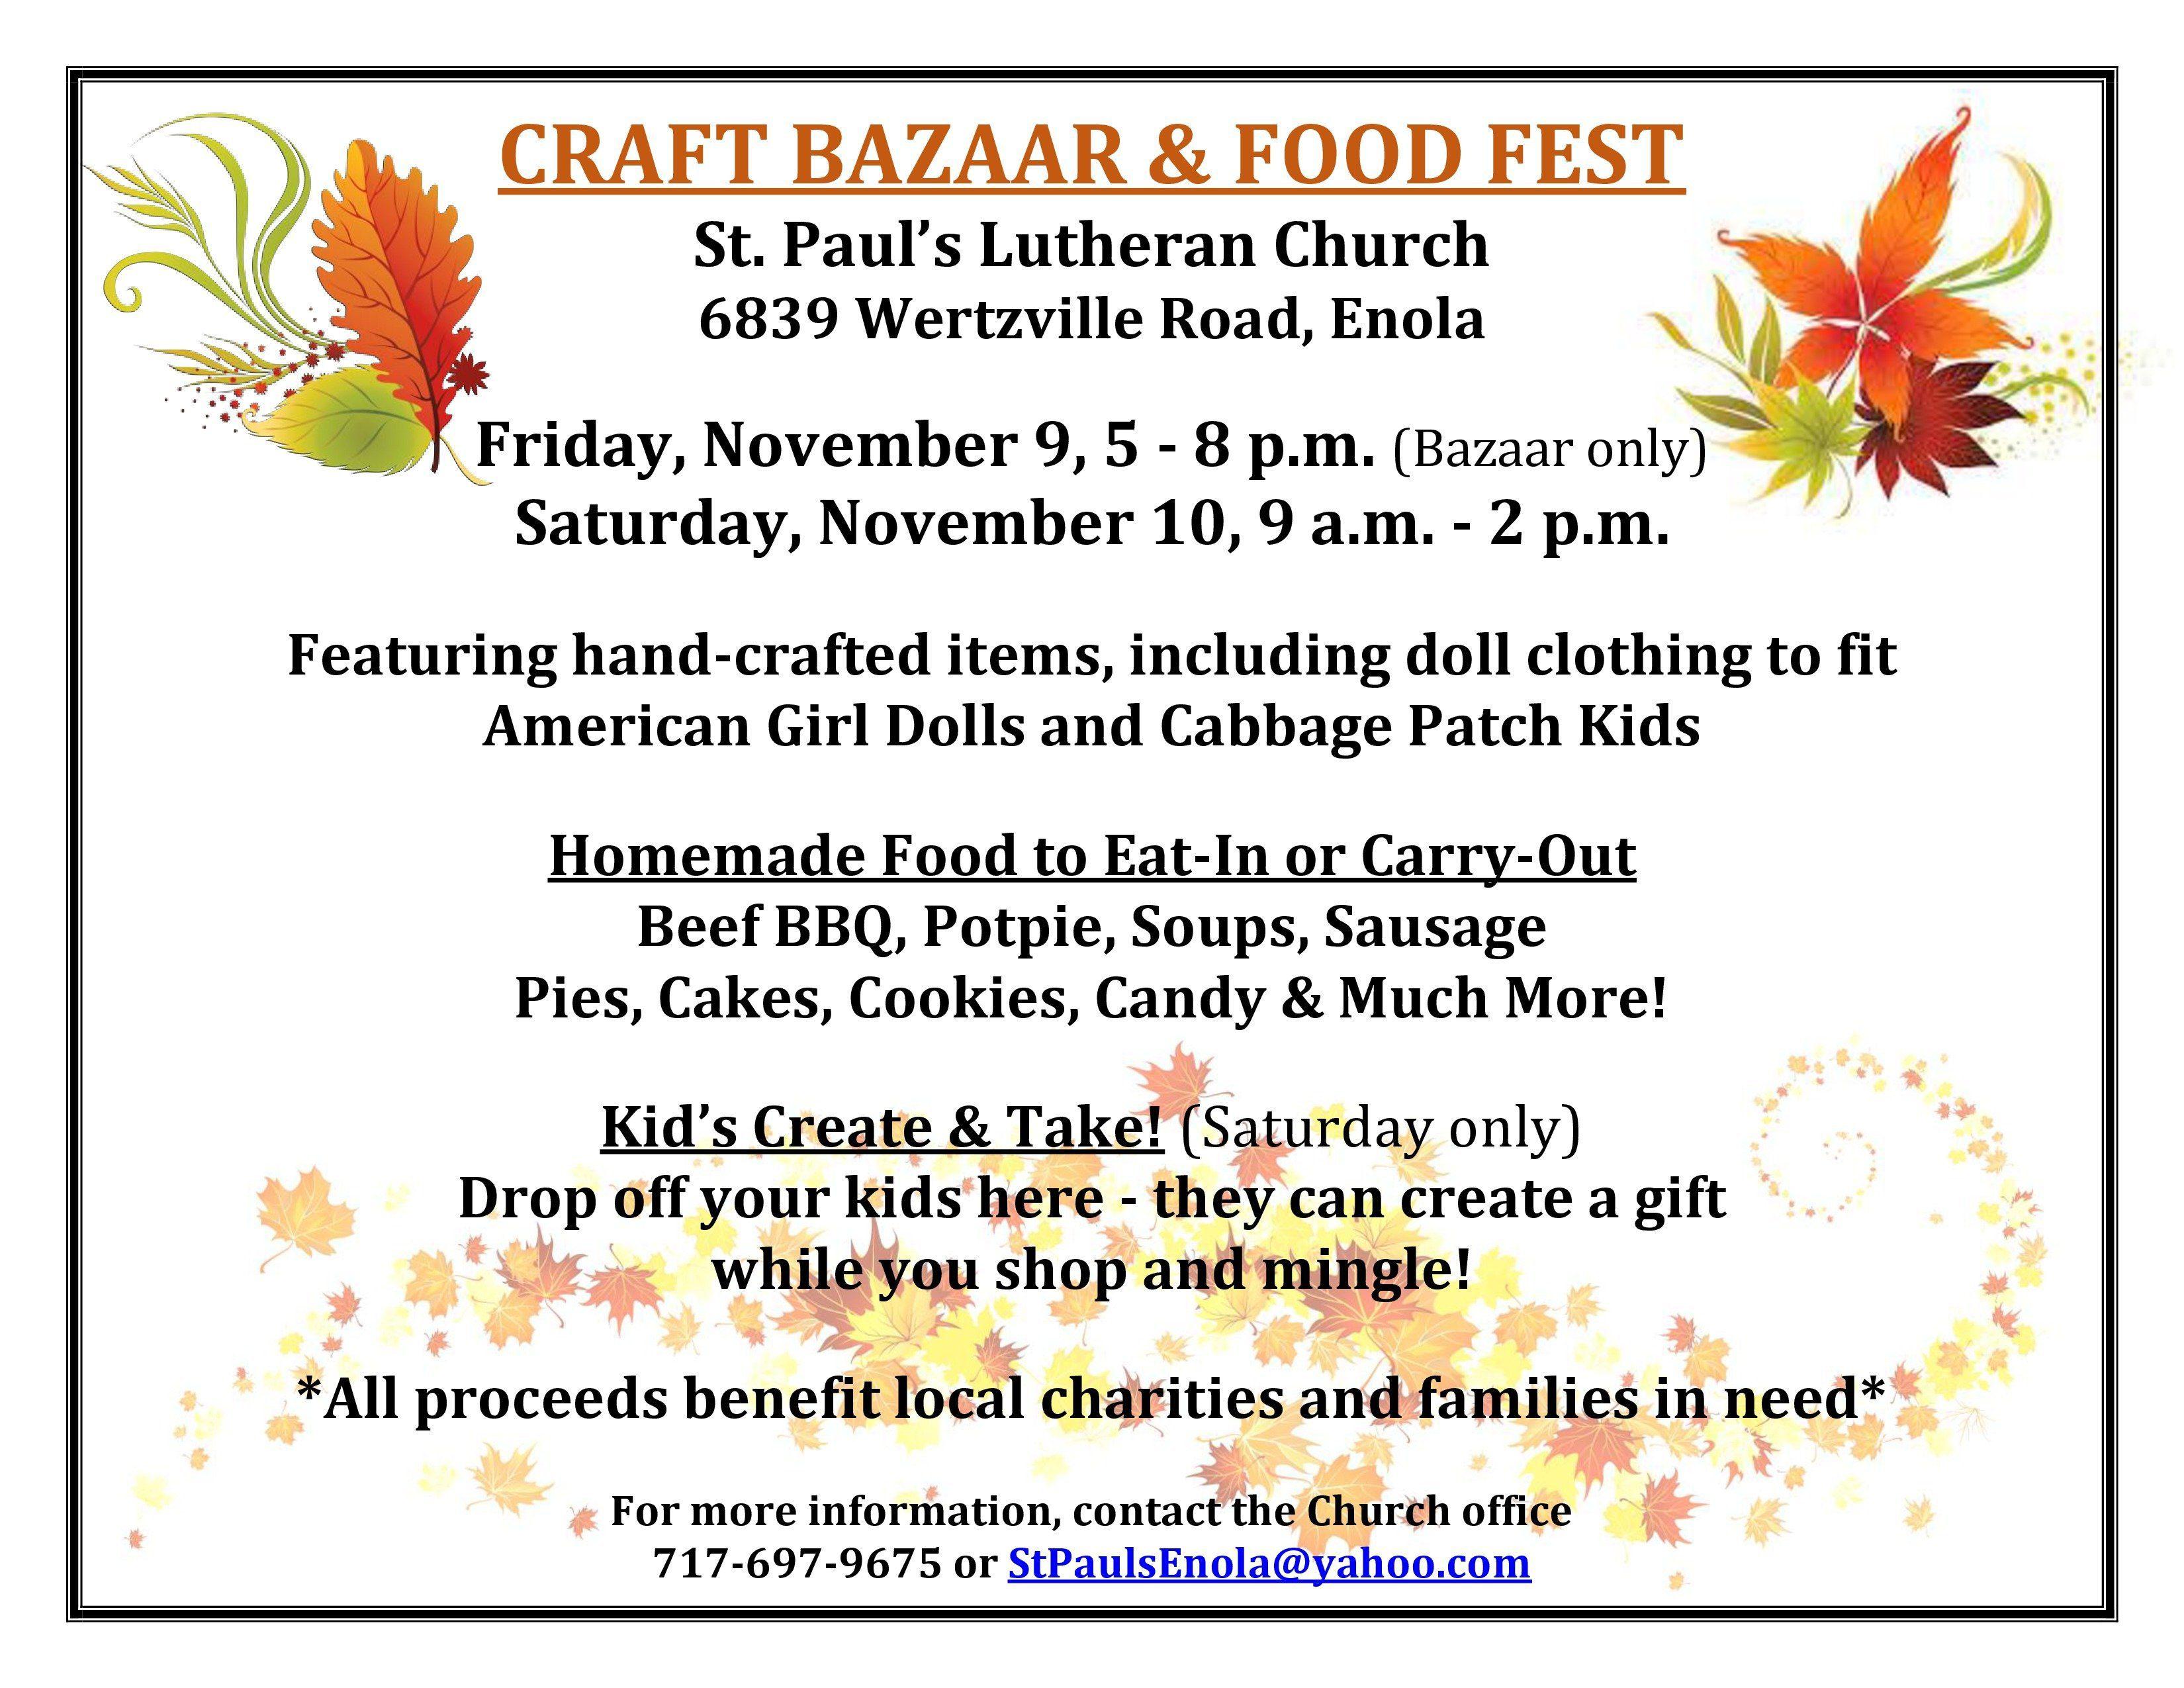 BAZAAR & FOOD FEST